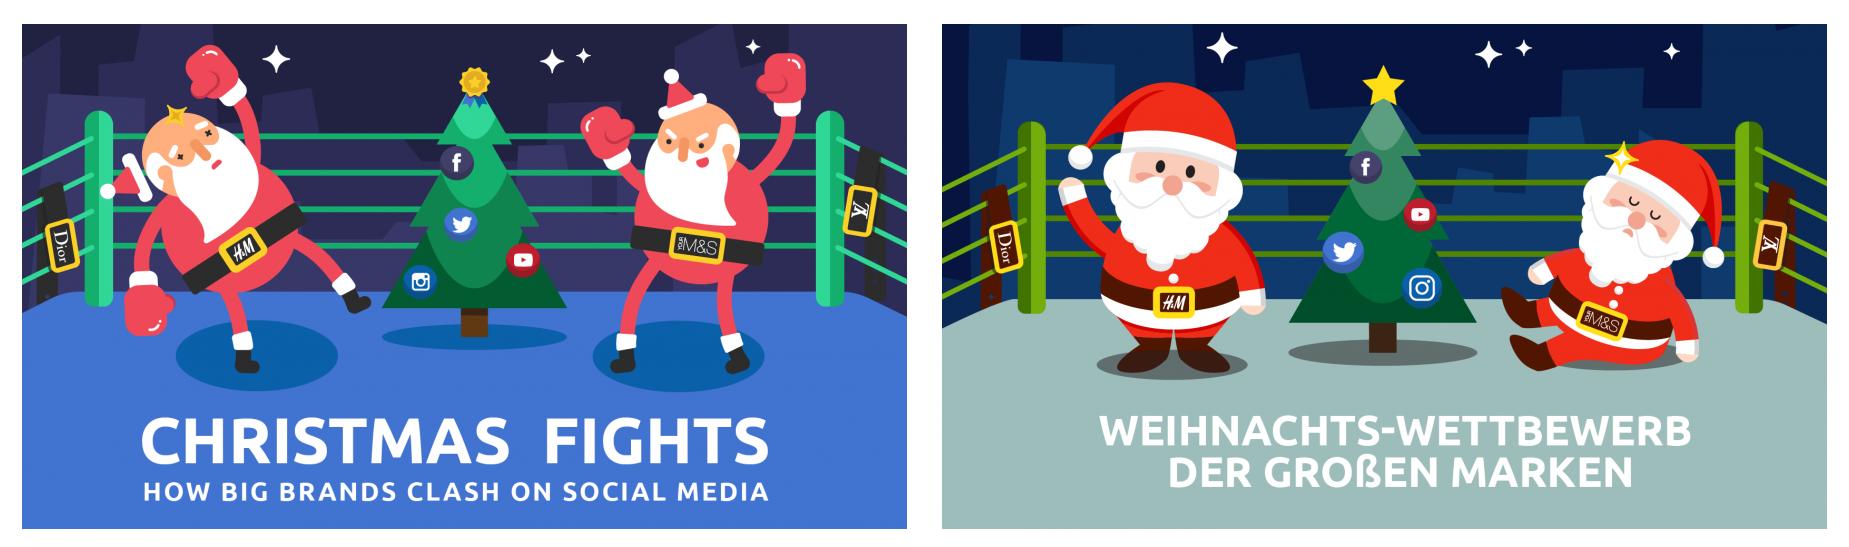 Campañas de éxito en Redes Sociales - Imágenes según audiencias